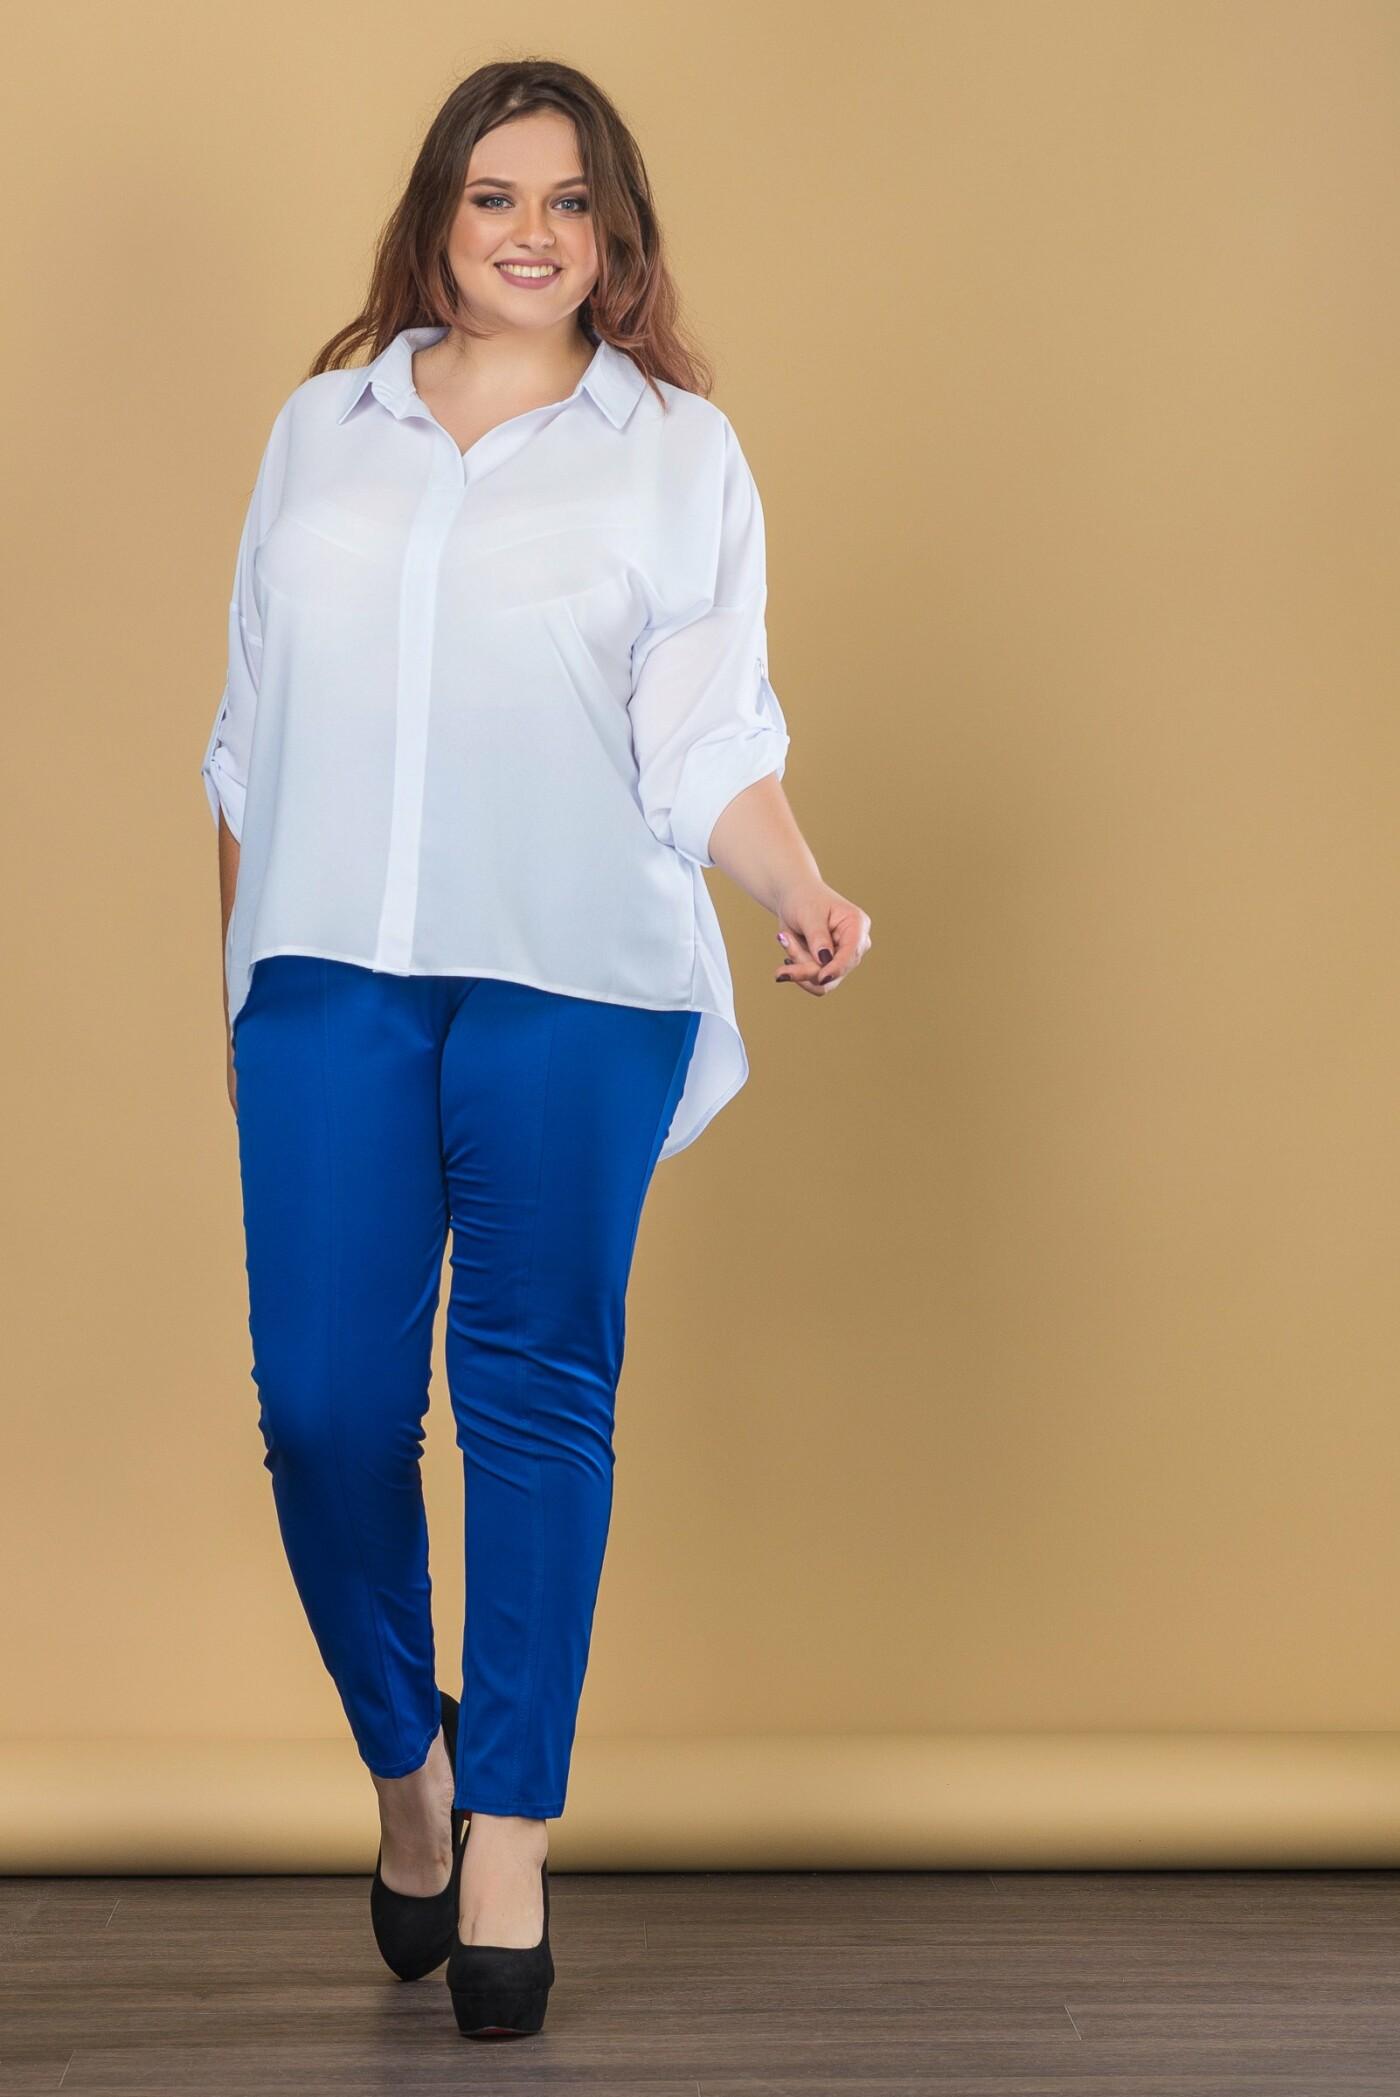 Реклама нижнего белья вместо комплексов из-за фигуры. Как харьковчанка стала моделью plus size, - ФОТО, фото-8